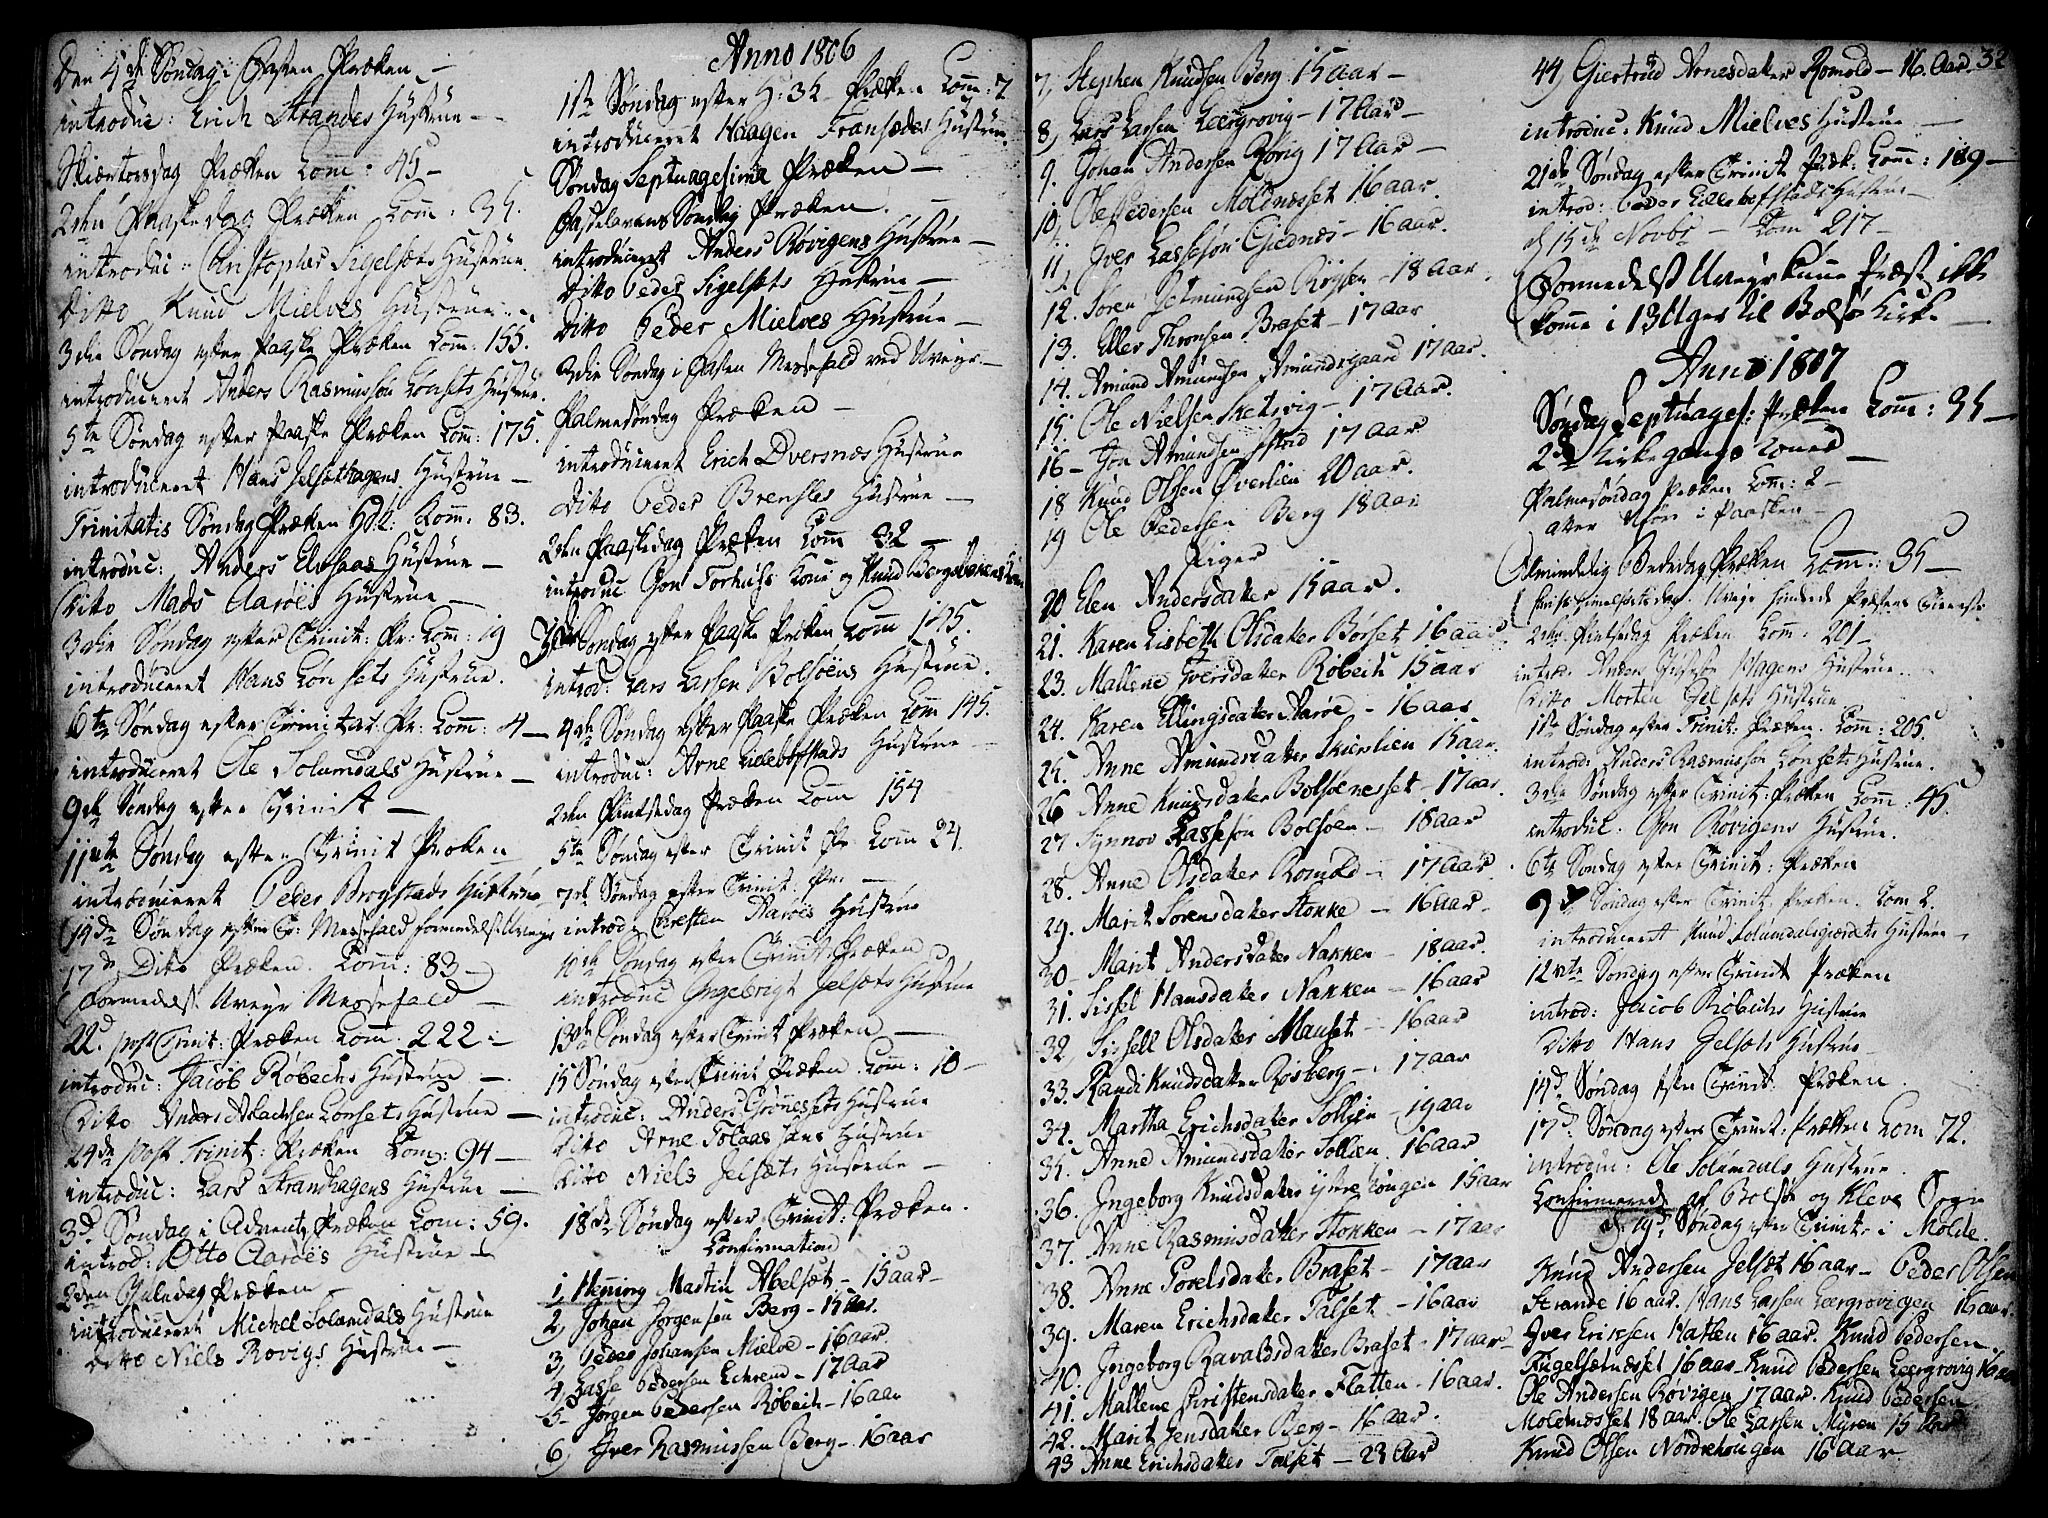 SAT, Ministerialprotokoller, klokkerbøker og fødselsregistre - Møre og Romsdal, 555/L0649: Ministerialbok nr. 555A02 /1, 1795-1821, s. 32